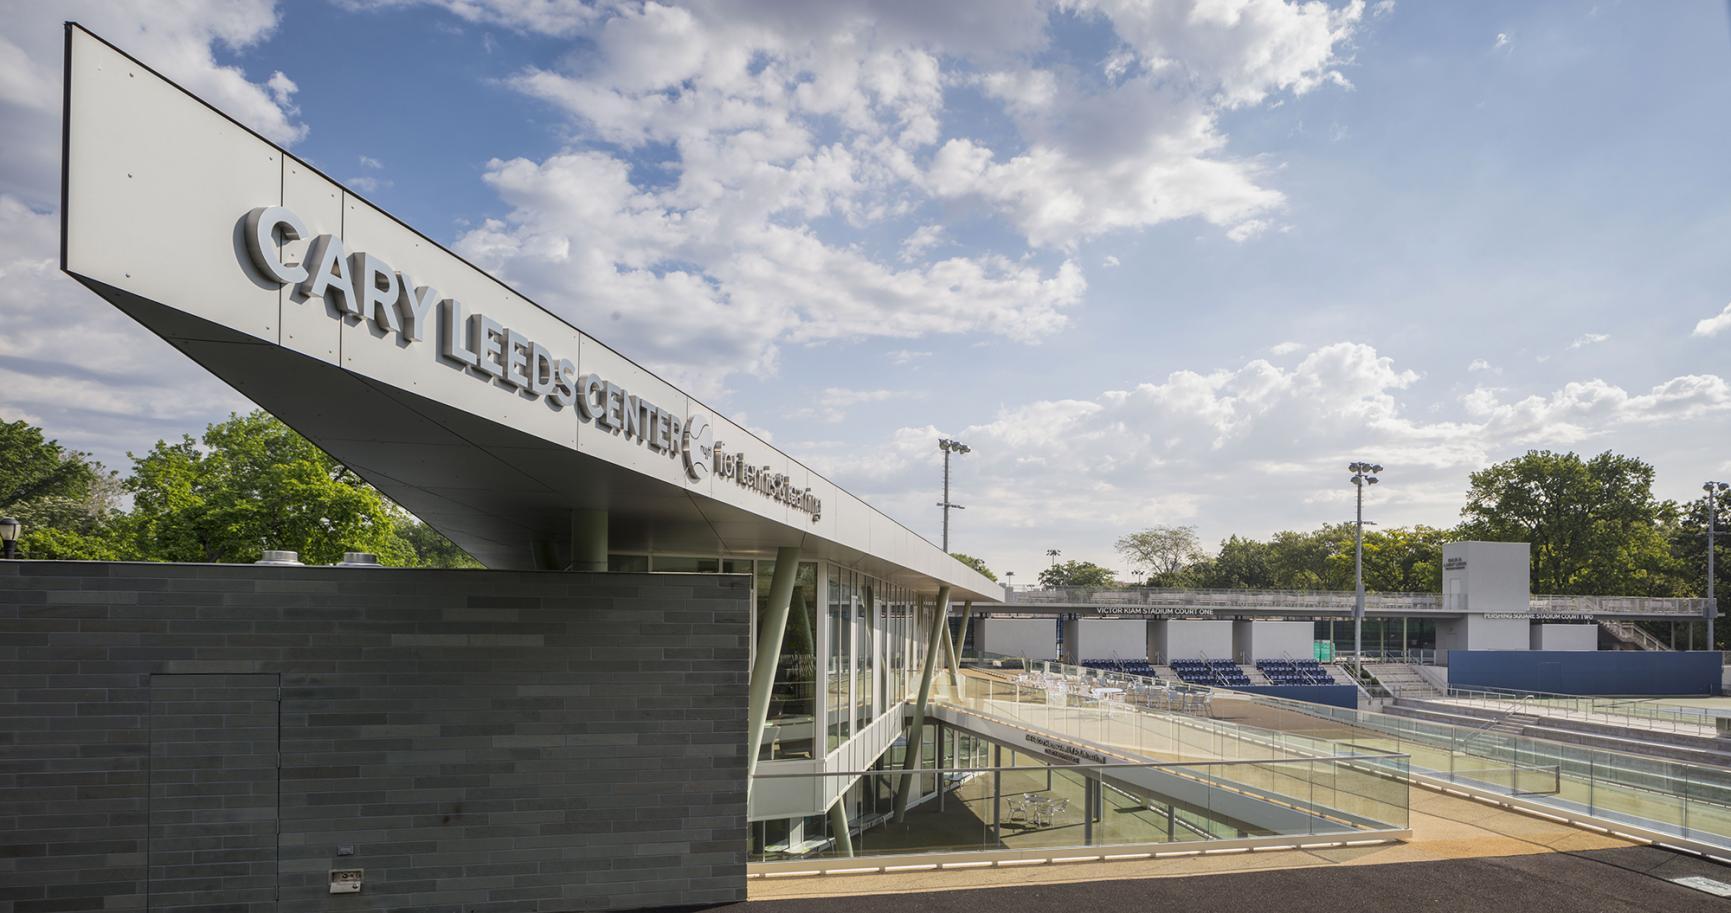 c85d72468be1 Cary Leeds Tennis Center